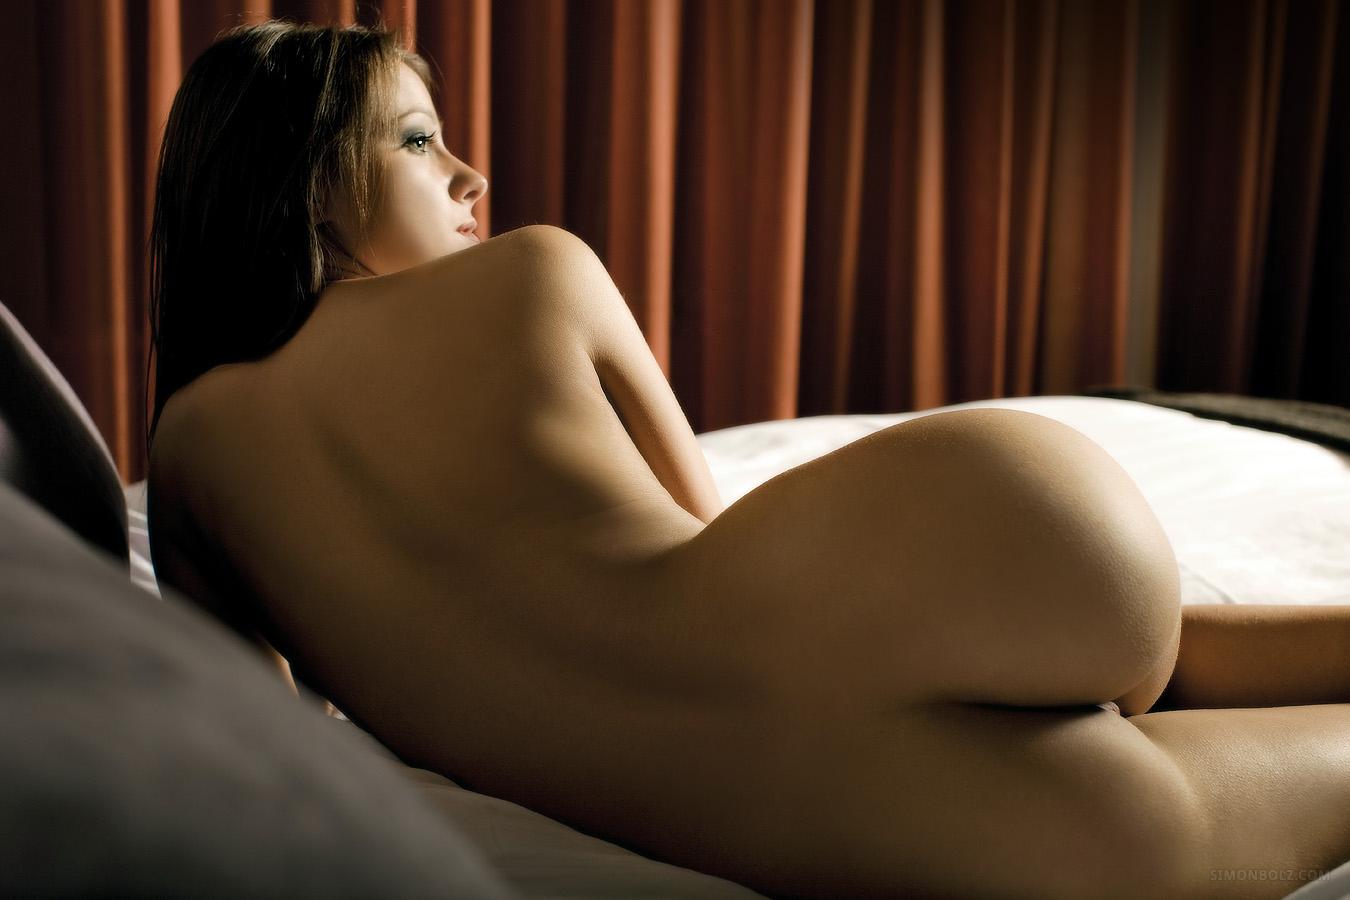 Спит фото обнаженной спины девушки лесби видео смотри